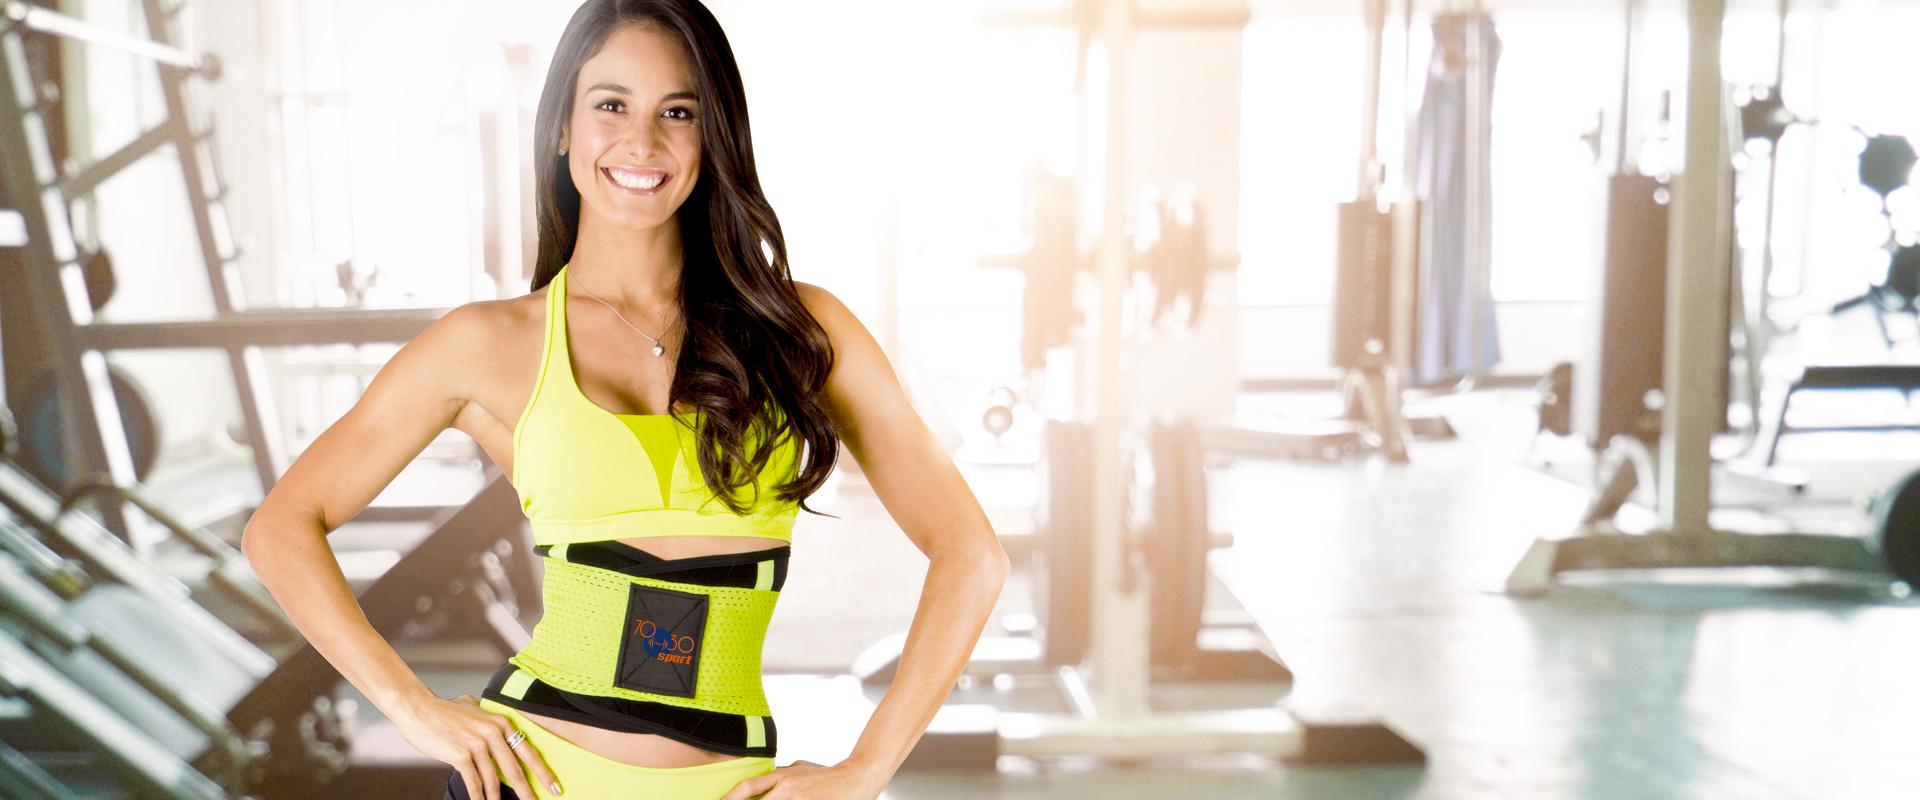 Mujer usando la Cinturilla 70-30 Sport en su rutina fitness de gimnasio.